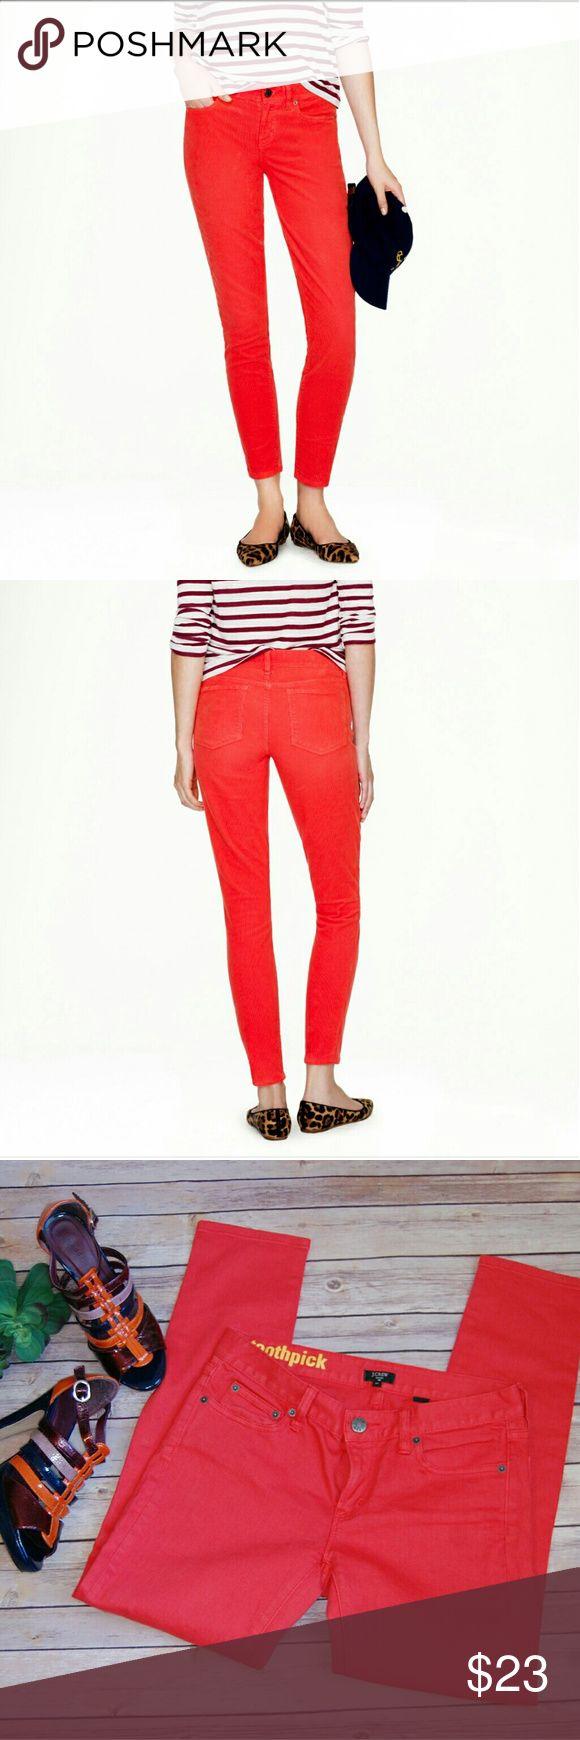 J.crew Orange Skinny Jeans, NWOT Size 27 Stretch Jeans NWOT No Flaws! J. Crew Pants Skinny